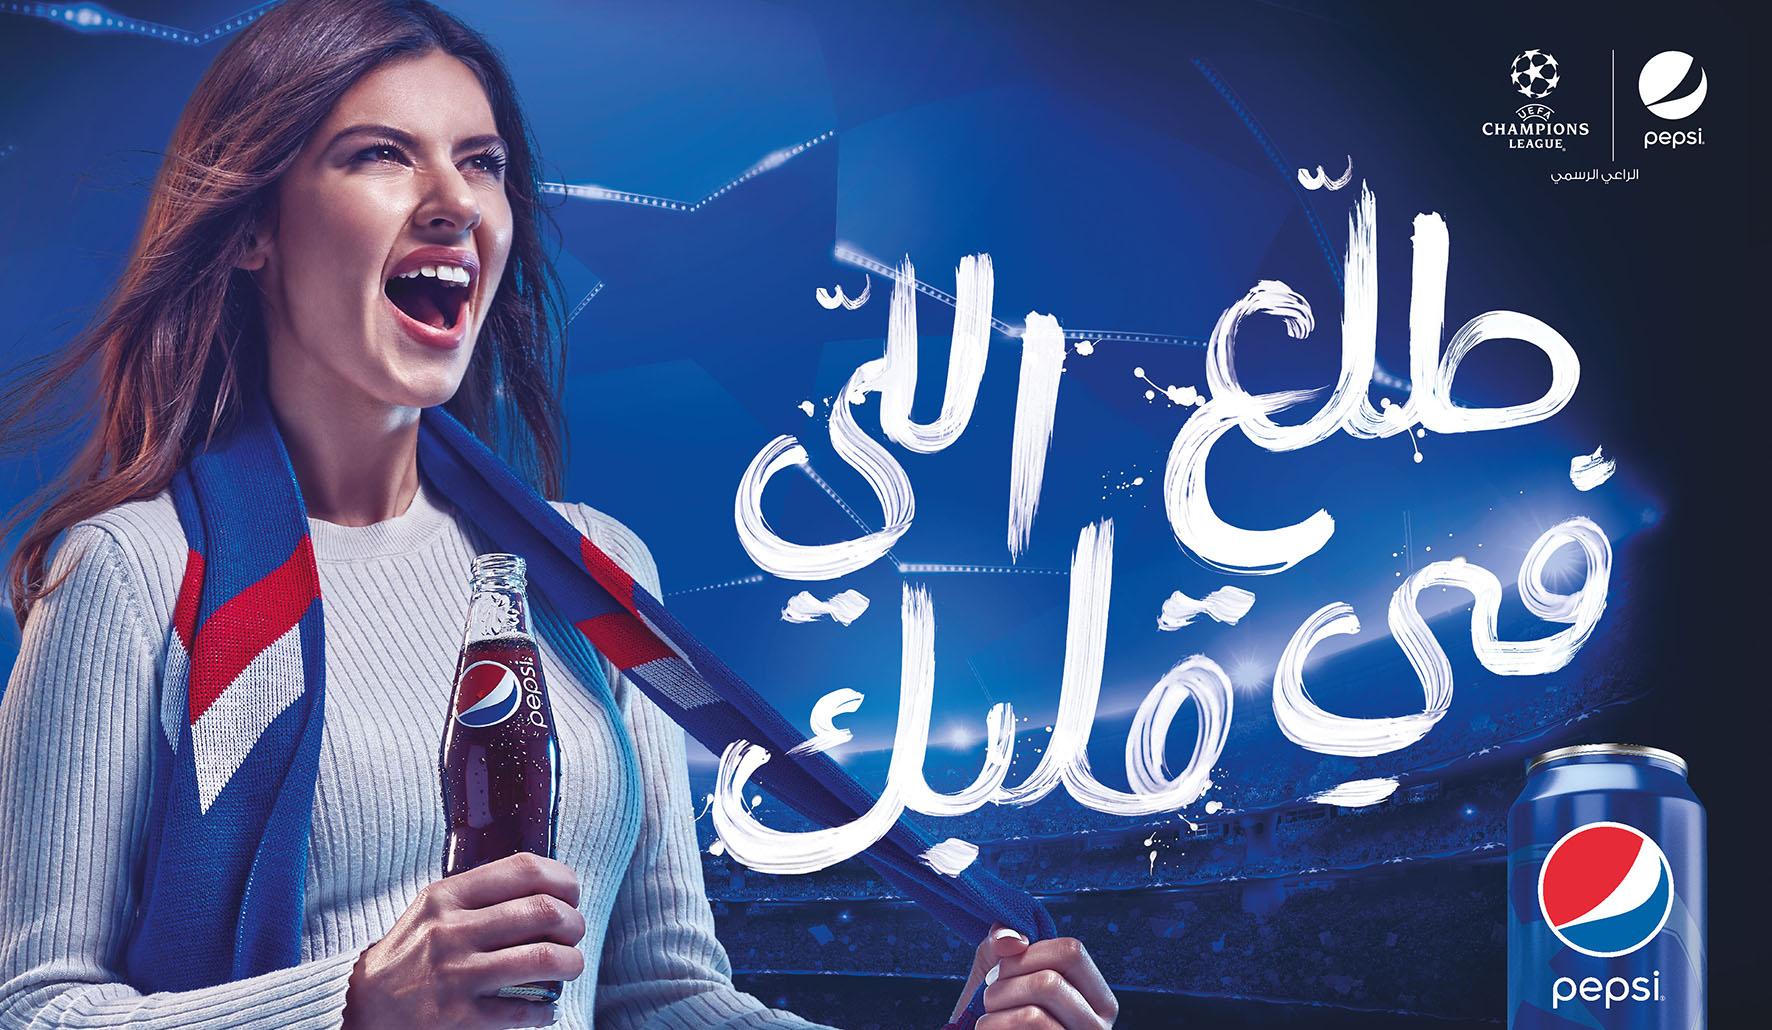 Pepsi UCL Litematter